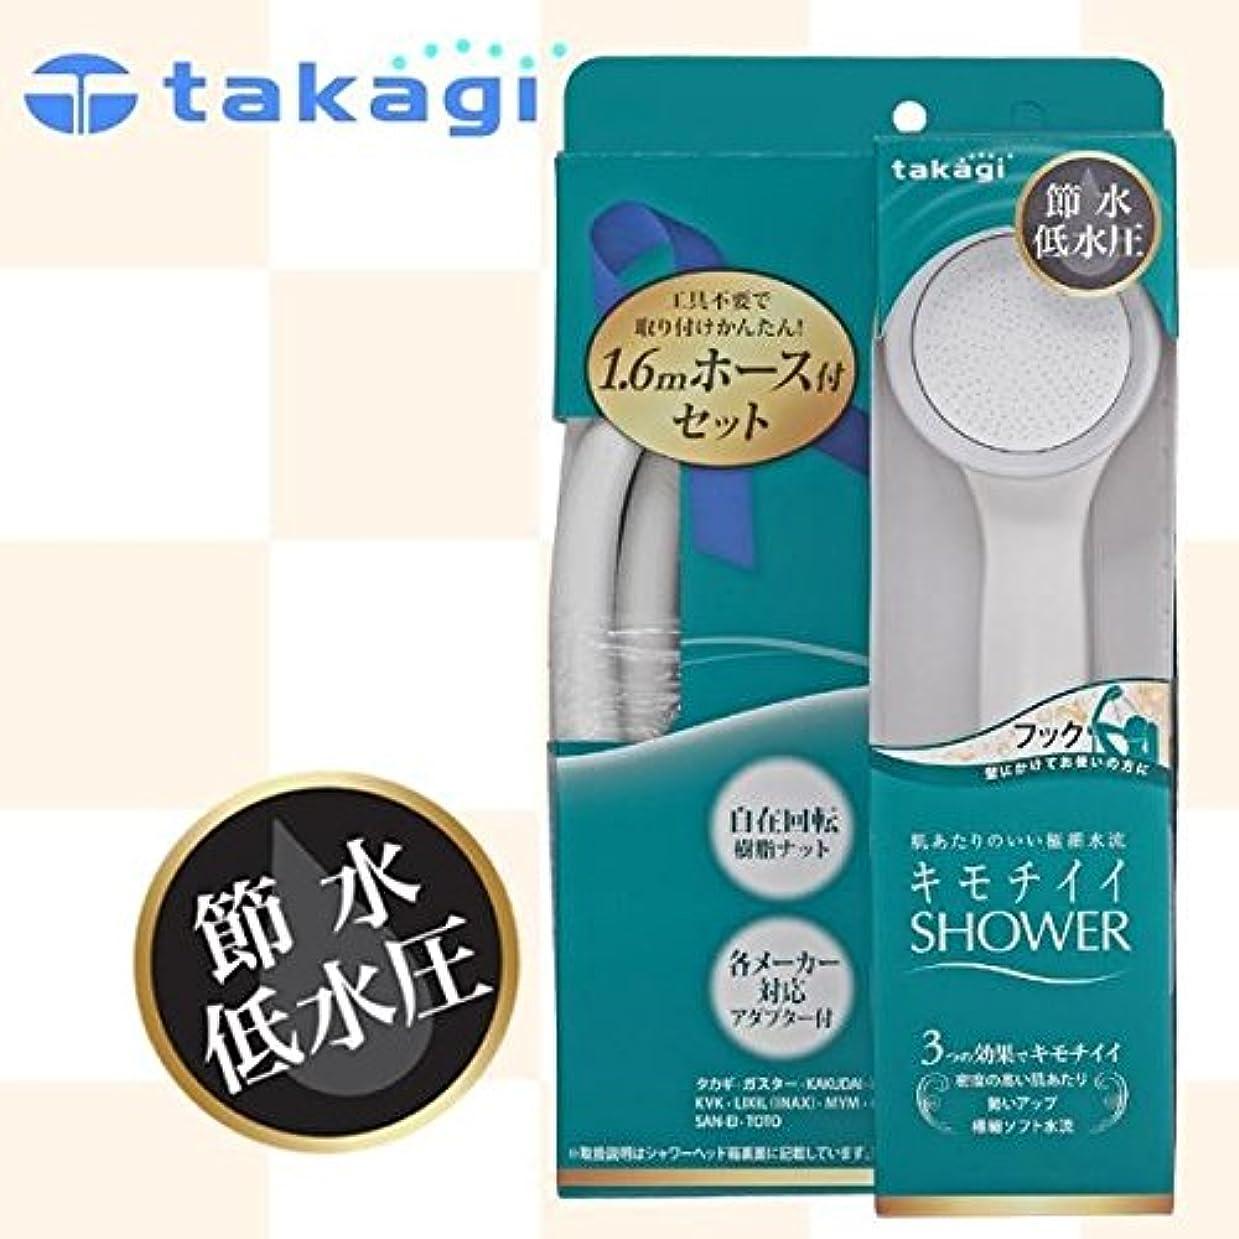 電子バタースナッチtakagi タカギ 浴室用シャワーヘッド キモチイイシャワーホースセットWT フックタイプ【同梱?代引不可】